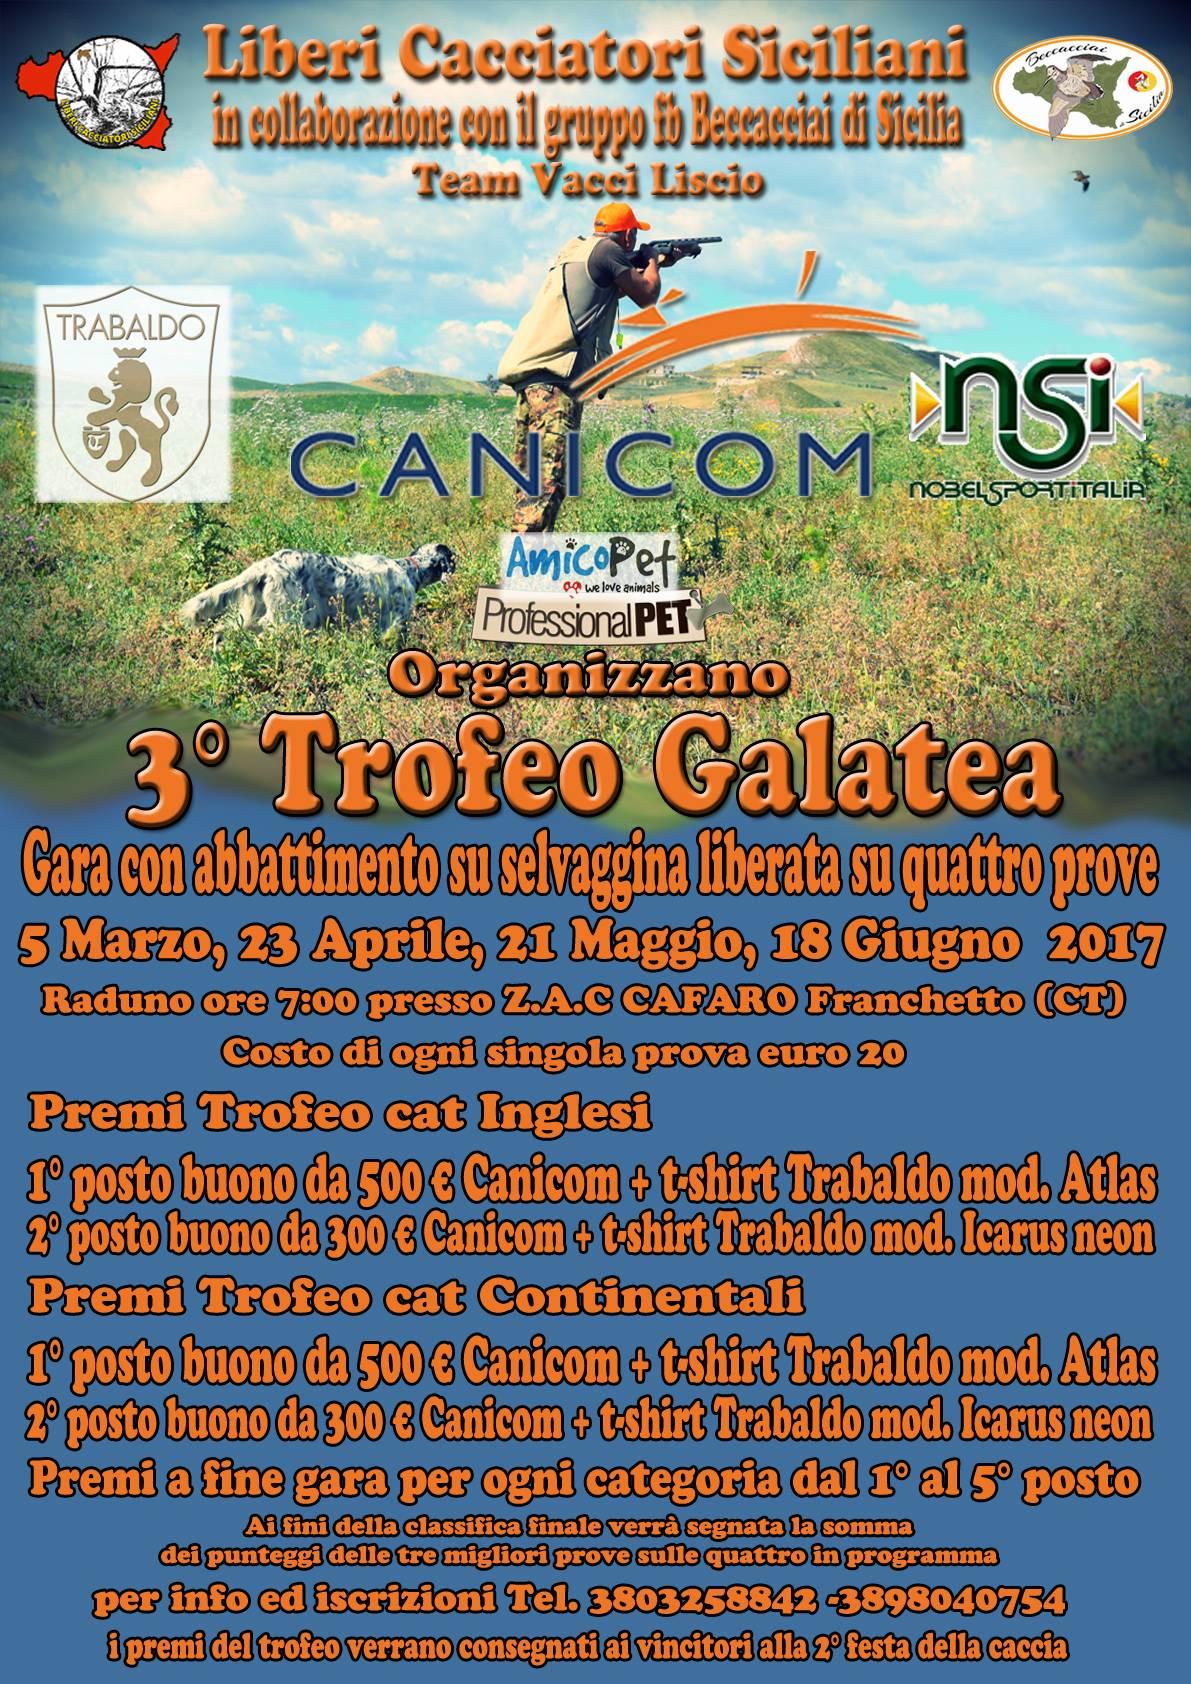 Trofeo Galatea 2017